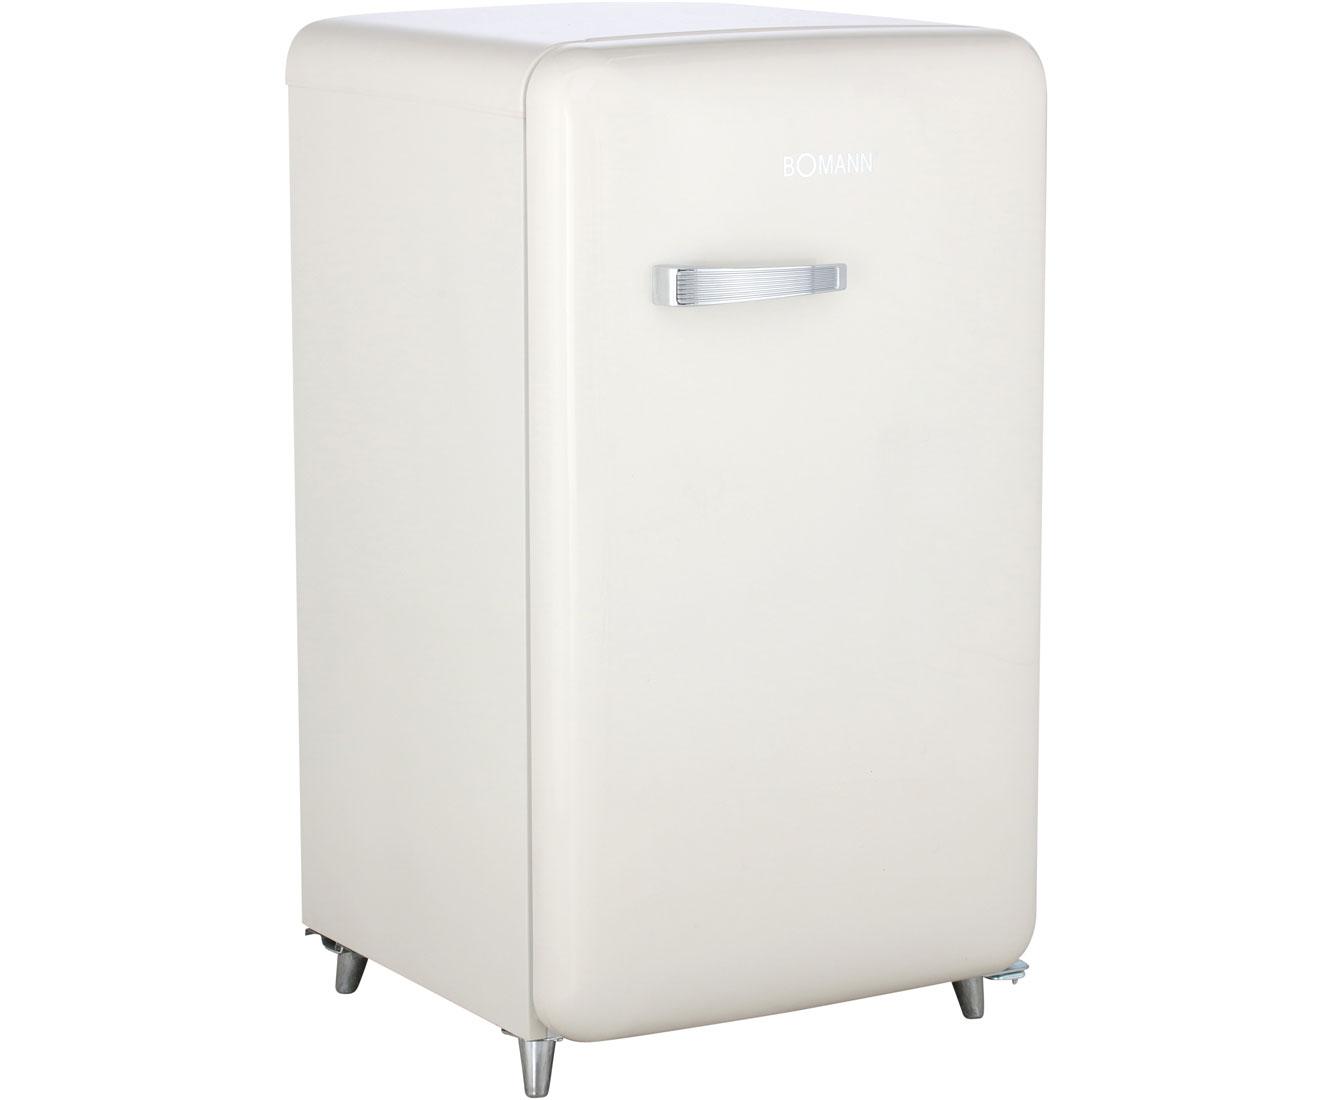 Kühlschrank Von Bomann : Bomann ksr kühlschrank mit gefrierfach beige retro design a